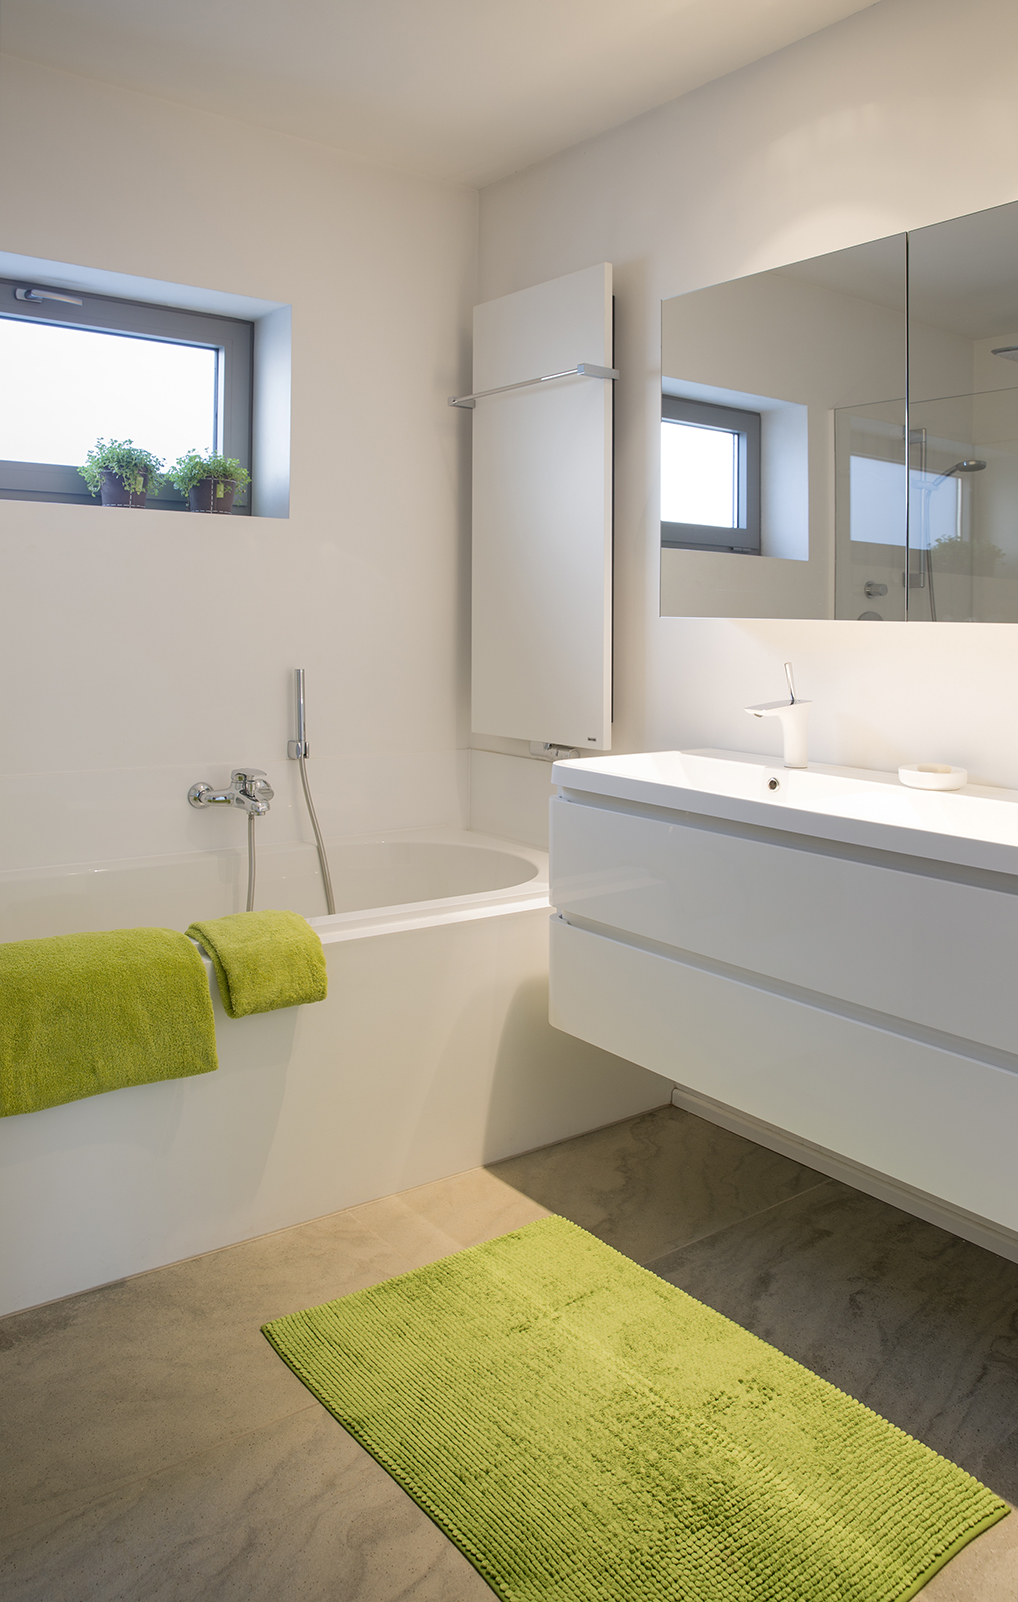 kokken-v-badkamer-hoek-115 - Kokken Renovaties